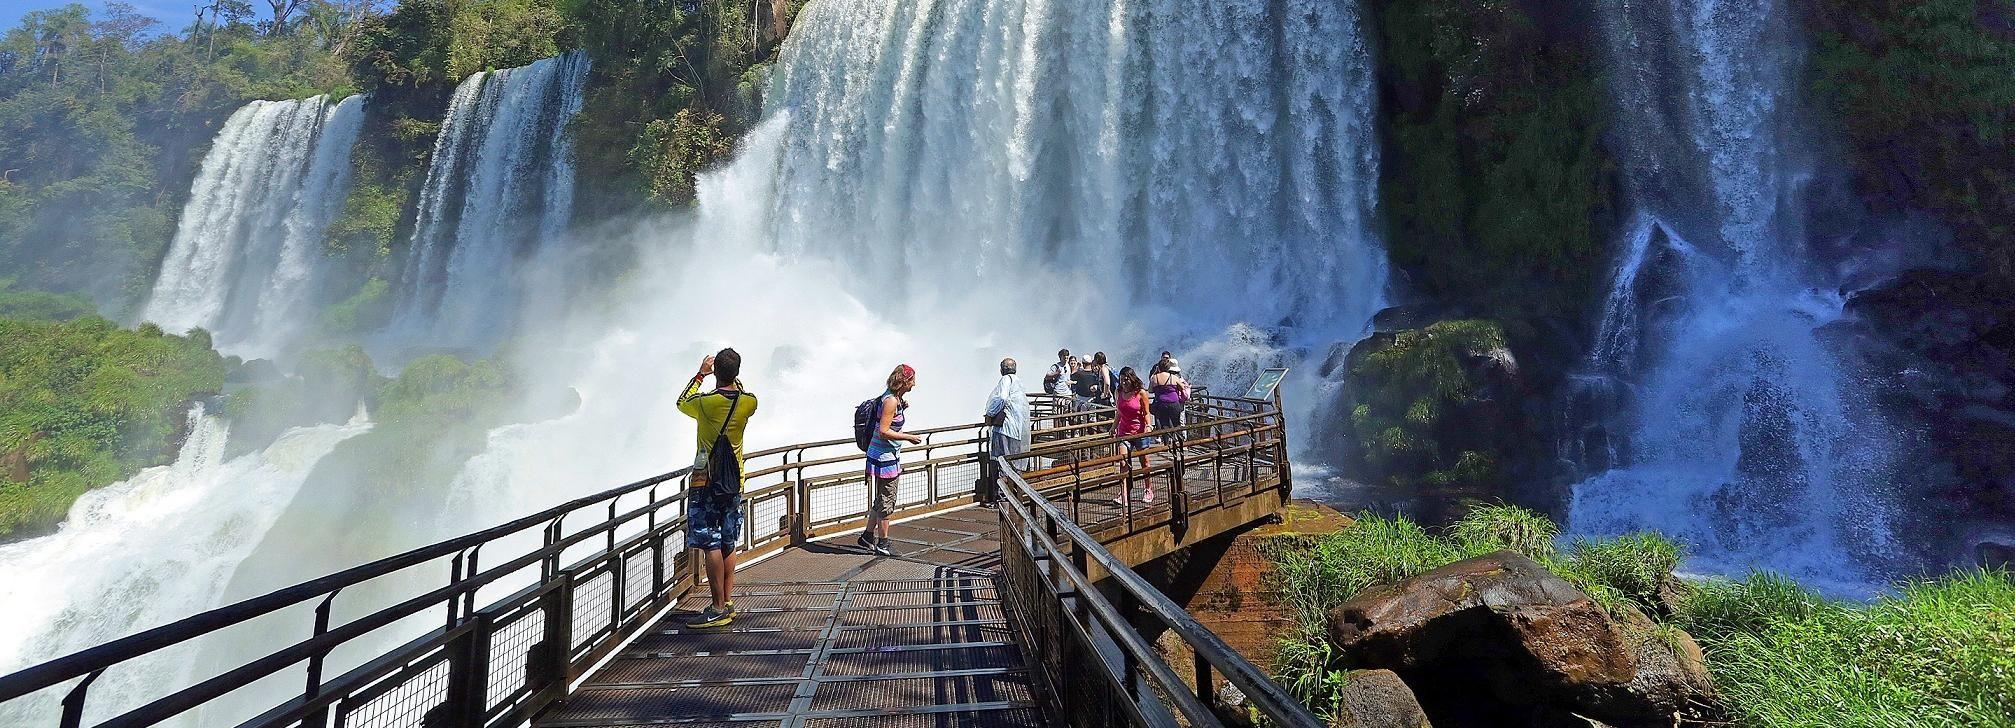 Puerto Iguazu: Iguazu Falls Argentinian Side Full-Day Tour